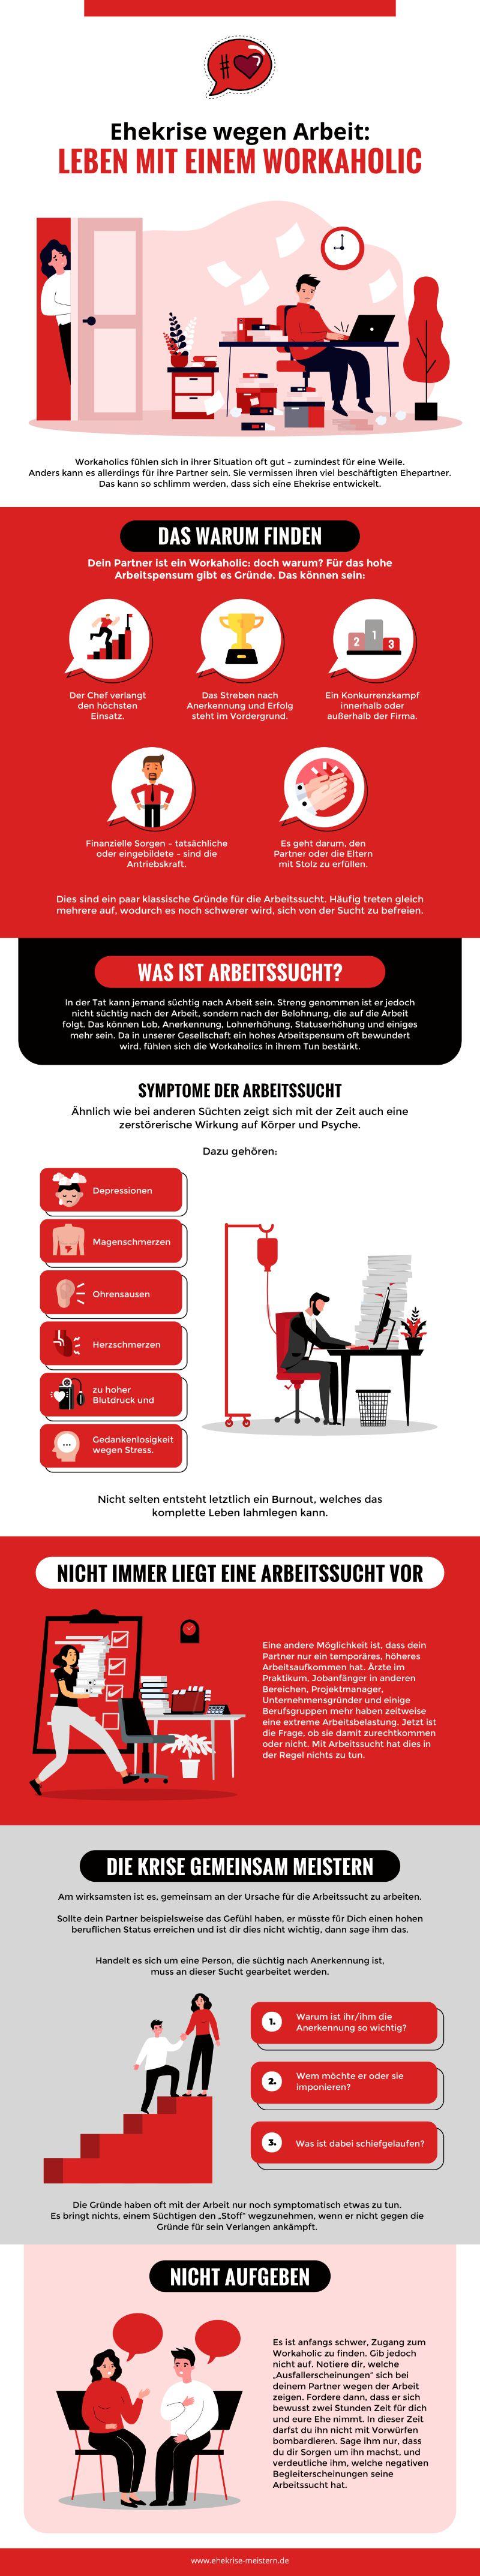 Infografik Ehekrise Wegen Arbeit: Partnerschaft Mit Einem Workaholic